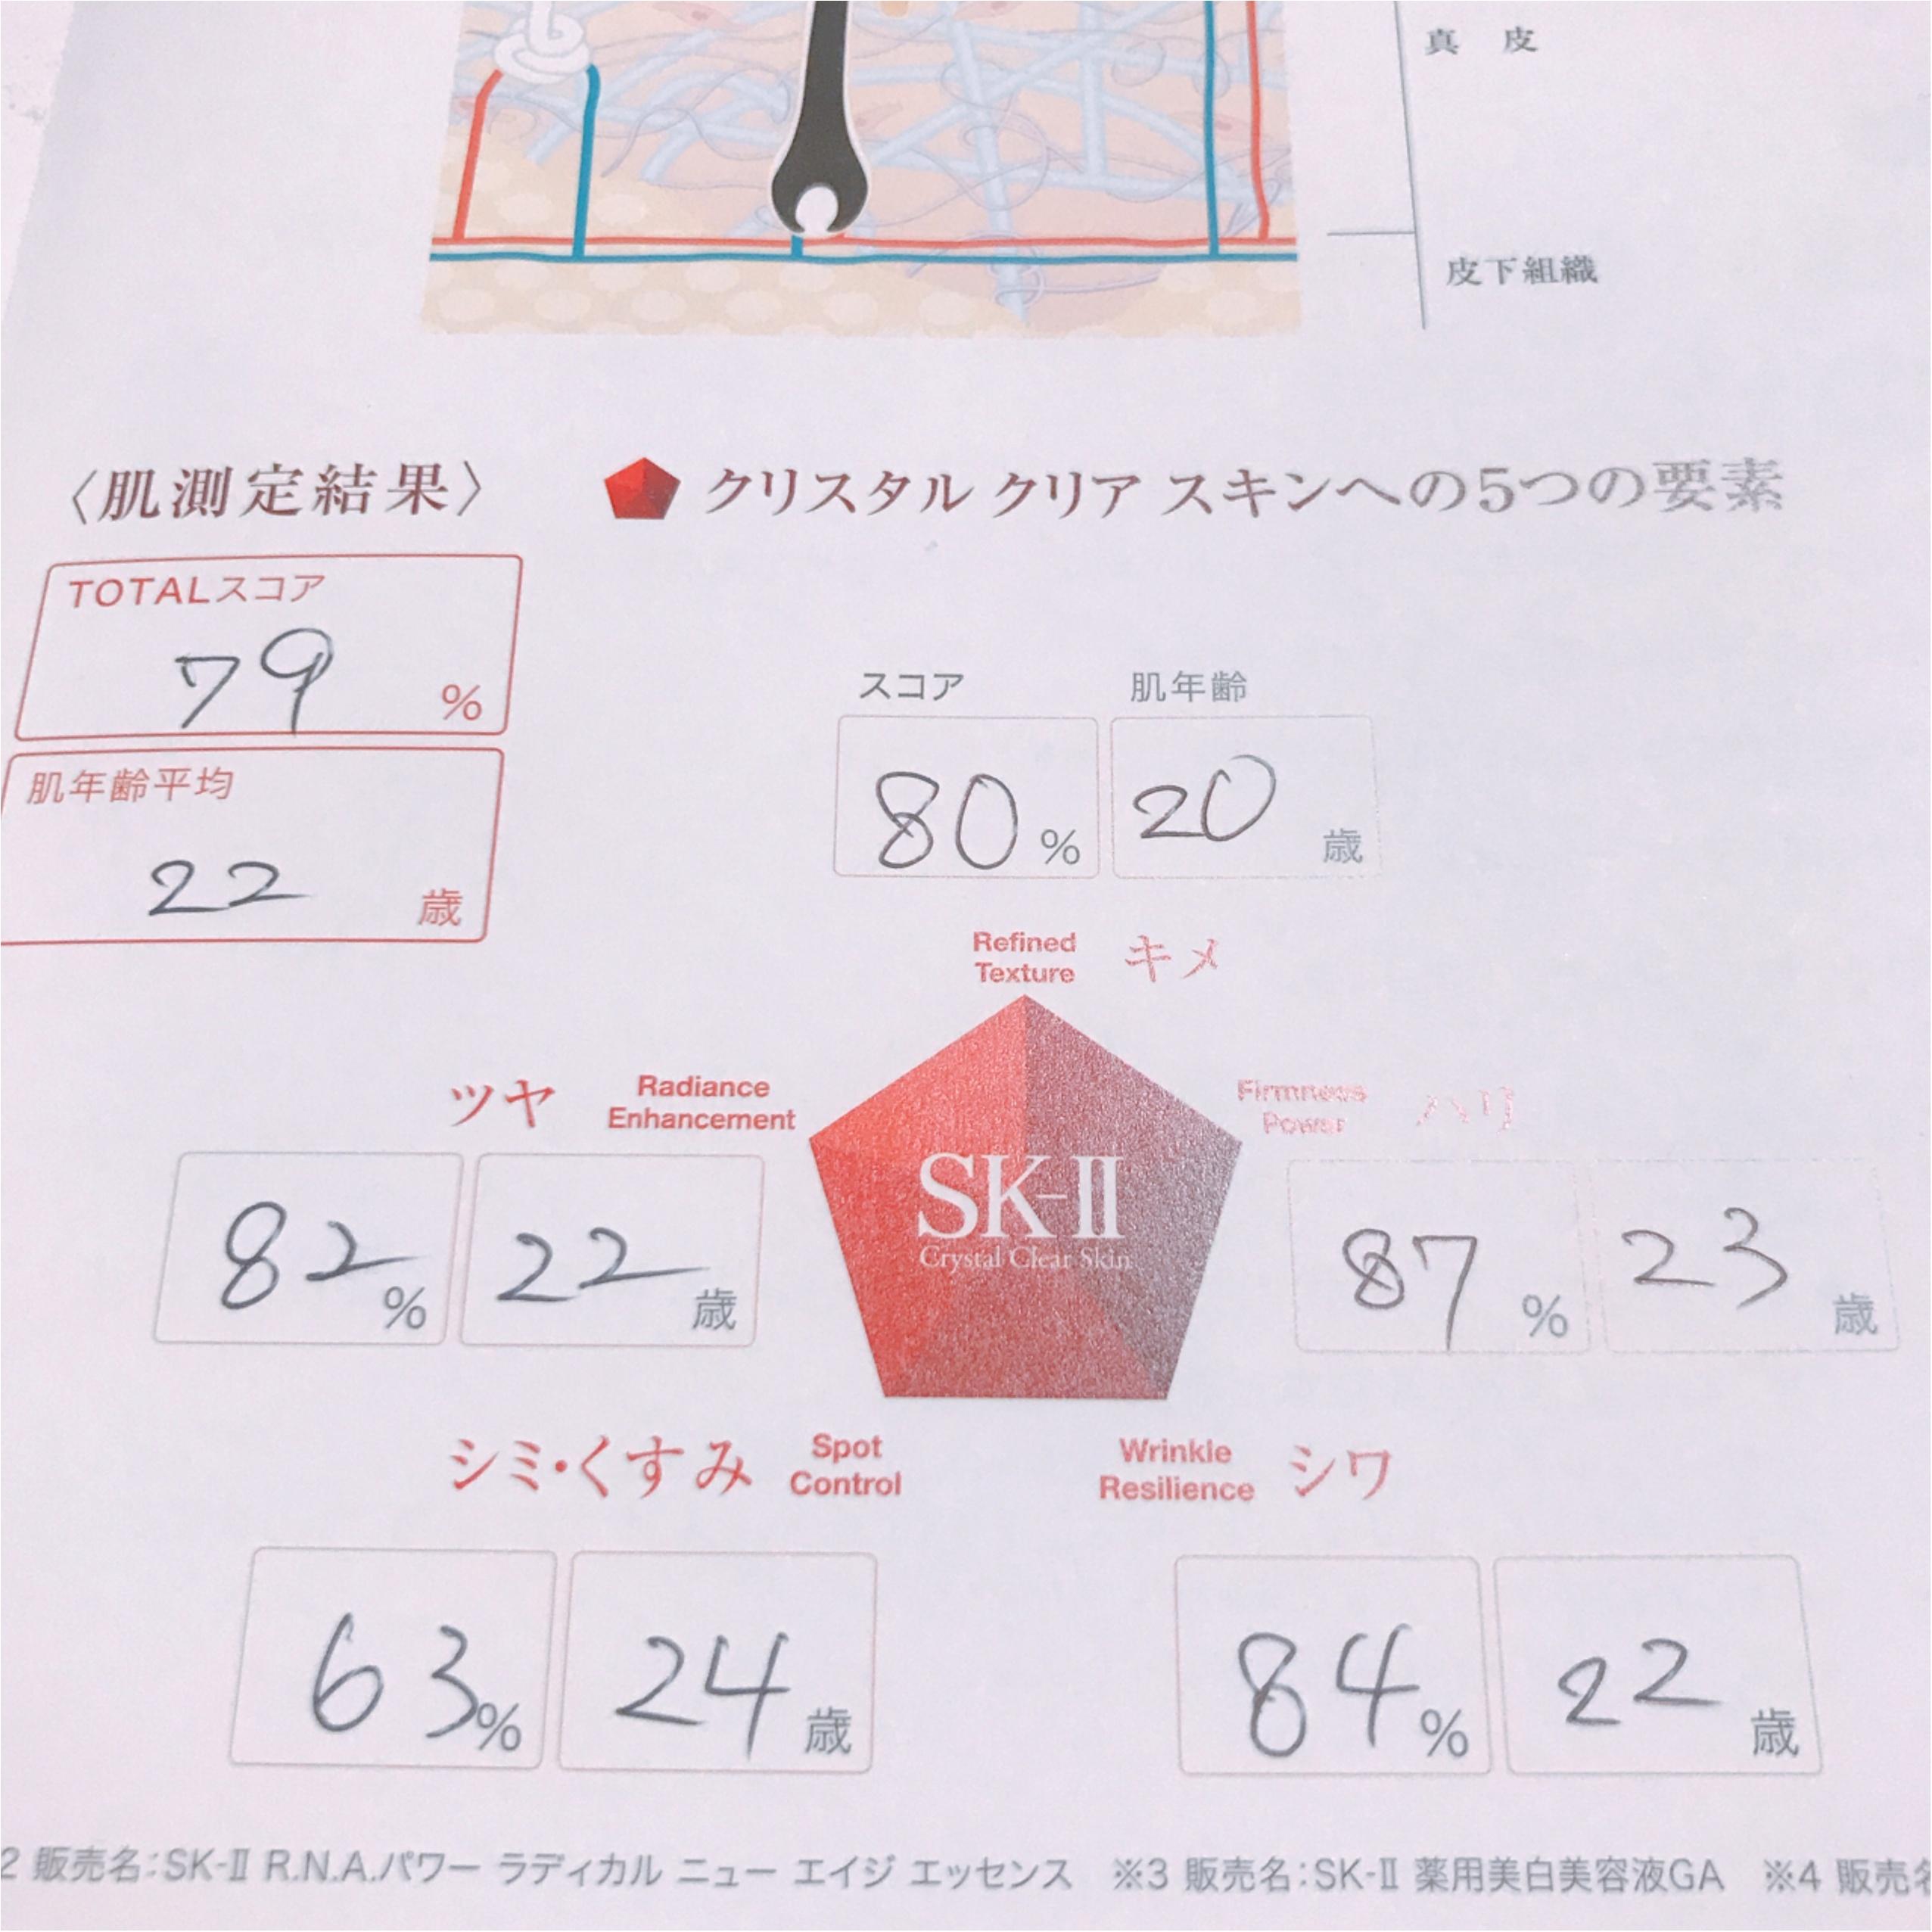 【28歳、SK-Ⅱデビュー♡】肌年齢診断の結果も公開しちゃいます!_3